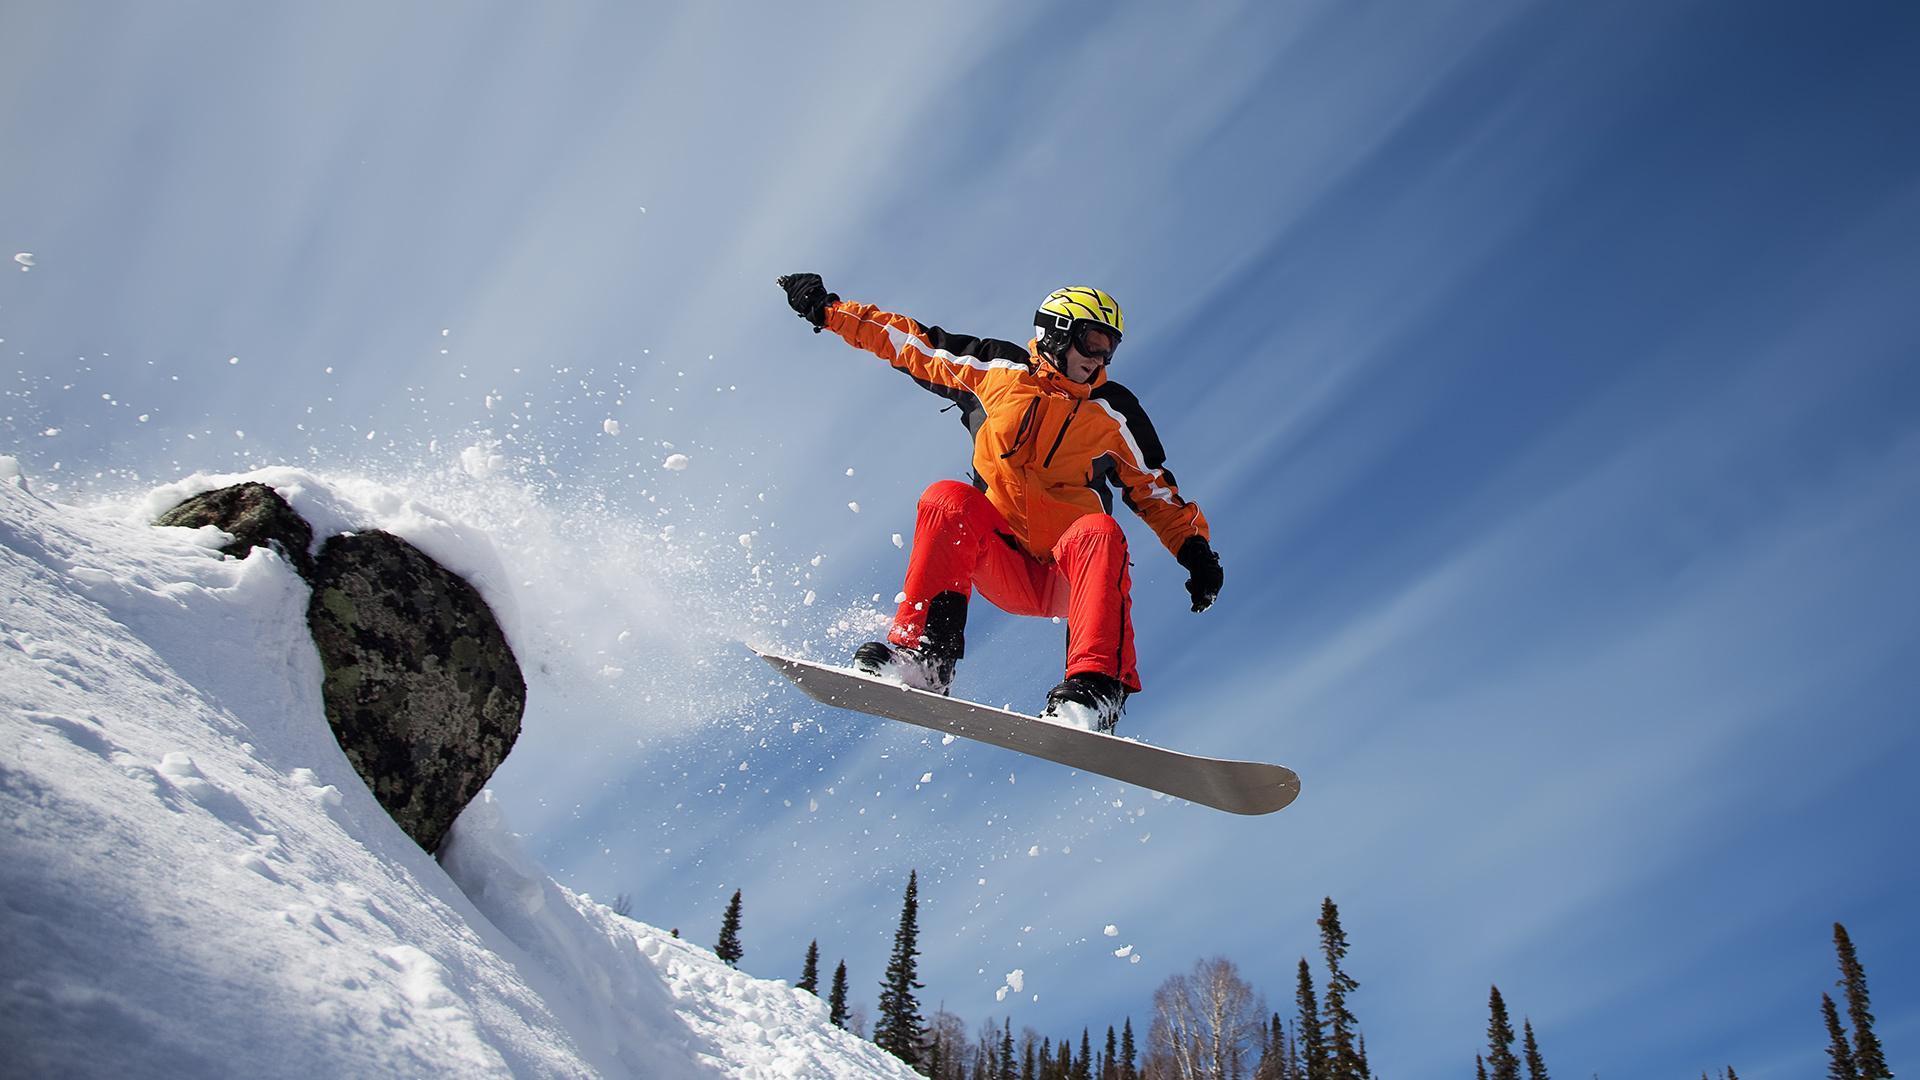 snowboard wallpaper, скачать фото обои для рабочего стола